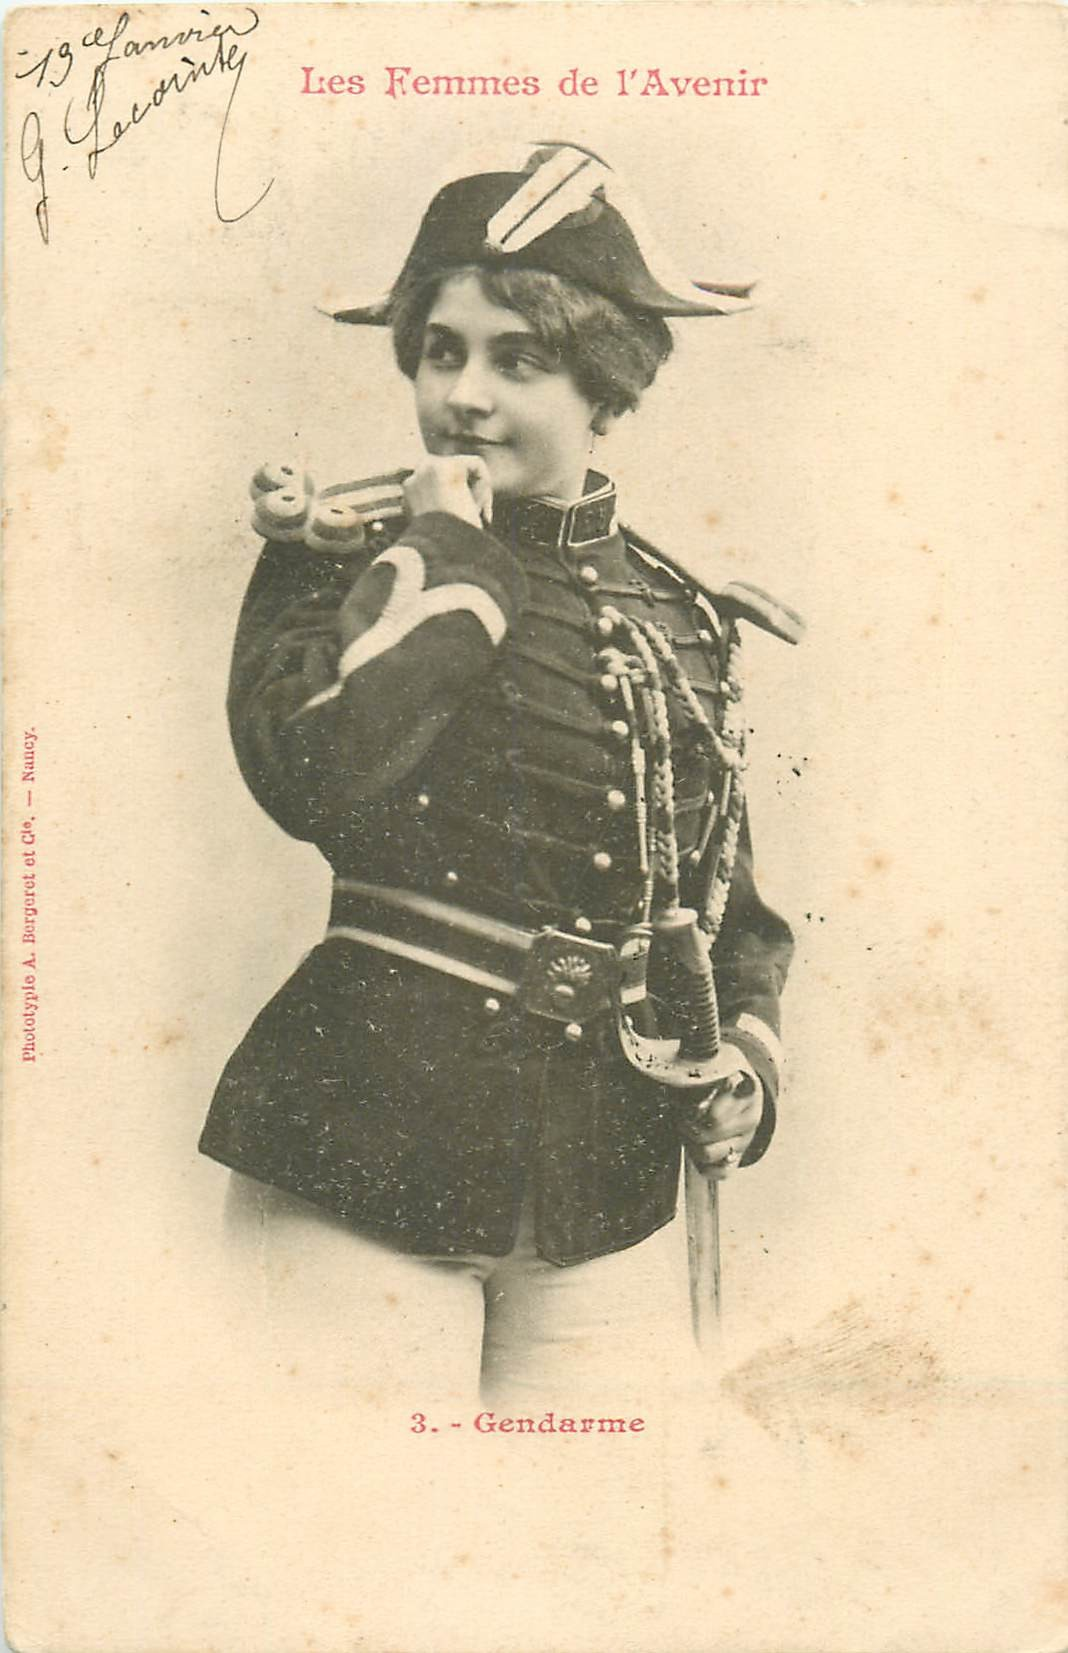 illustrateur BERGERET. Gendarme les Femmes de l'Avenir 1903